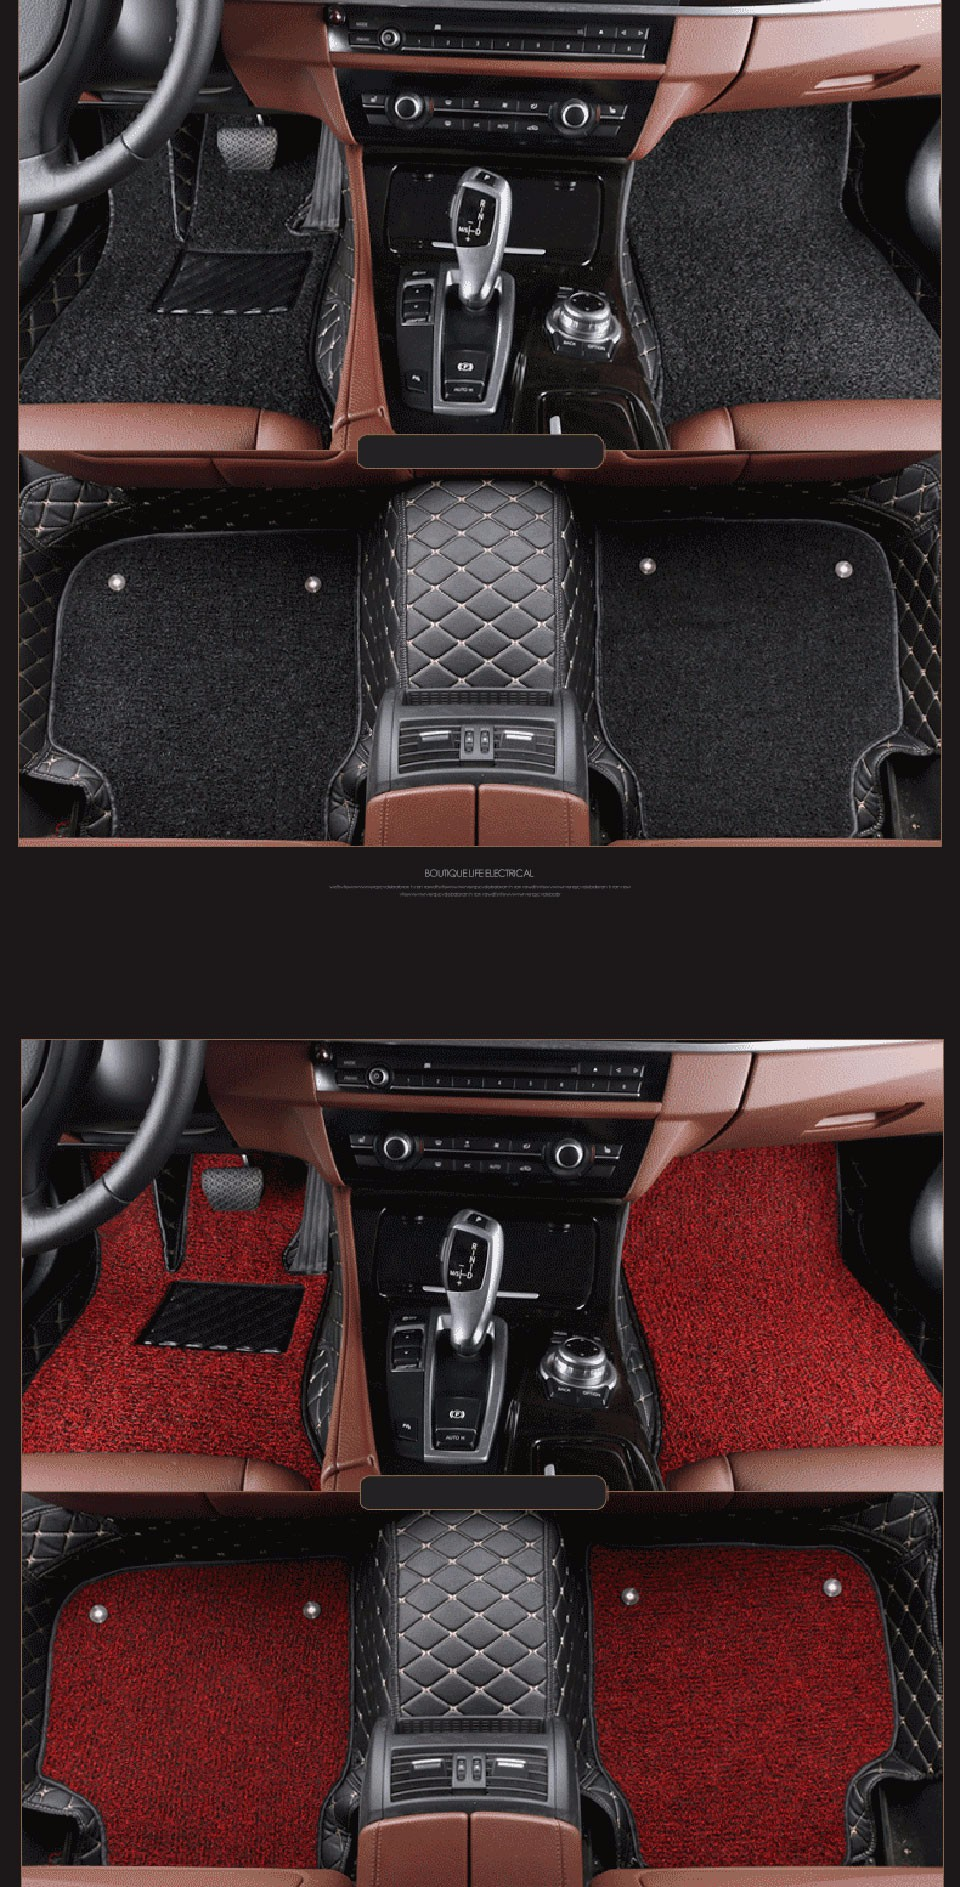 Car Floor Mats For Hyundai IX35 IX25 Sonata Santafe Tucson ELANTRA Accent Verna Car Accessories sonata car styling Foot mats